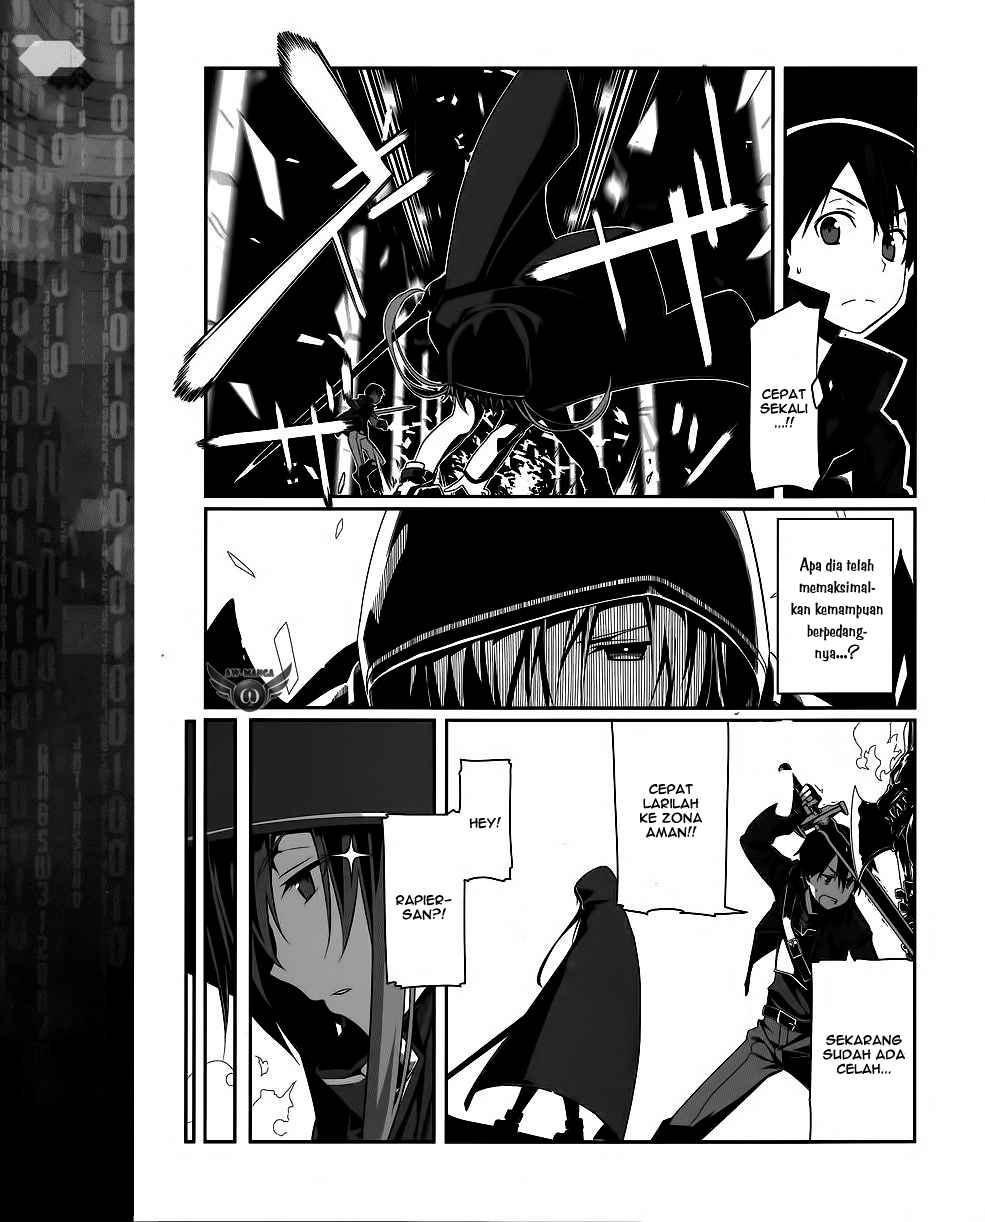 Komik sword art online progressive 002 - lebih cepat dari siapapun 3 Indonesia sword art online progressive 002 - lebih cepat dari siapapun Terbaru 7 Baca Manga Komik Indonesia Mangacan